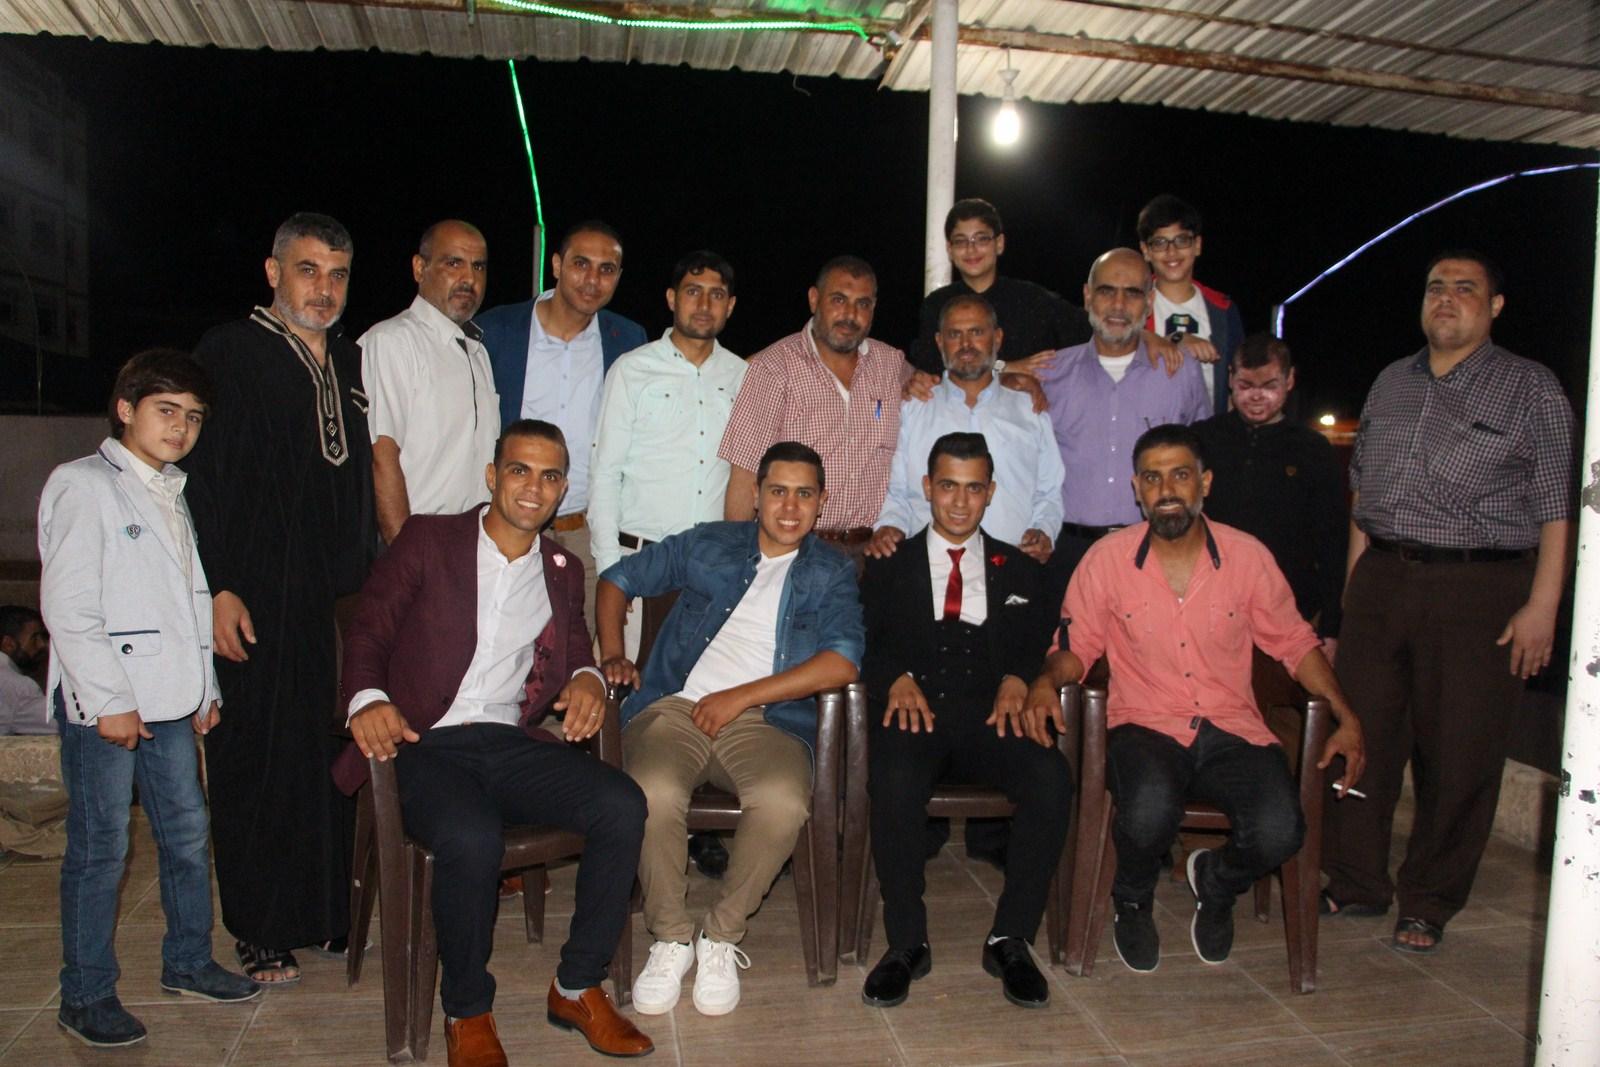 حفل زفاف الشاب عبدالرحيم معين سليمان الفرا